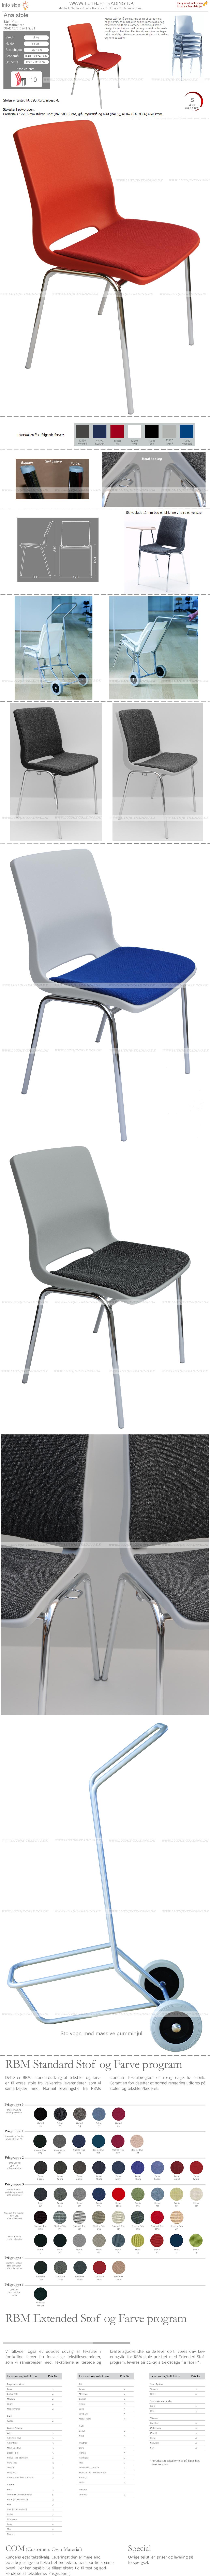 Stabelstole Ana med krom stel, rød plastskal og Oxford stof nr. 21 på sædet